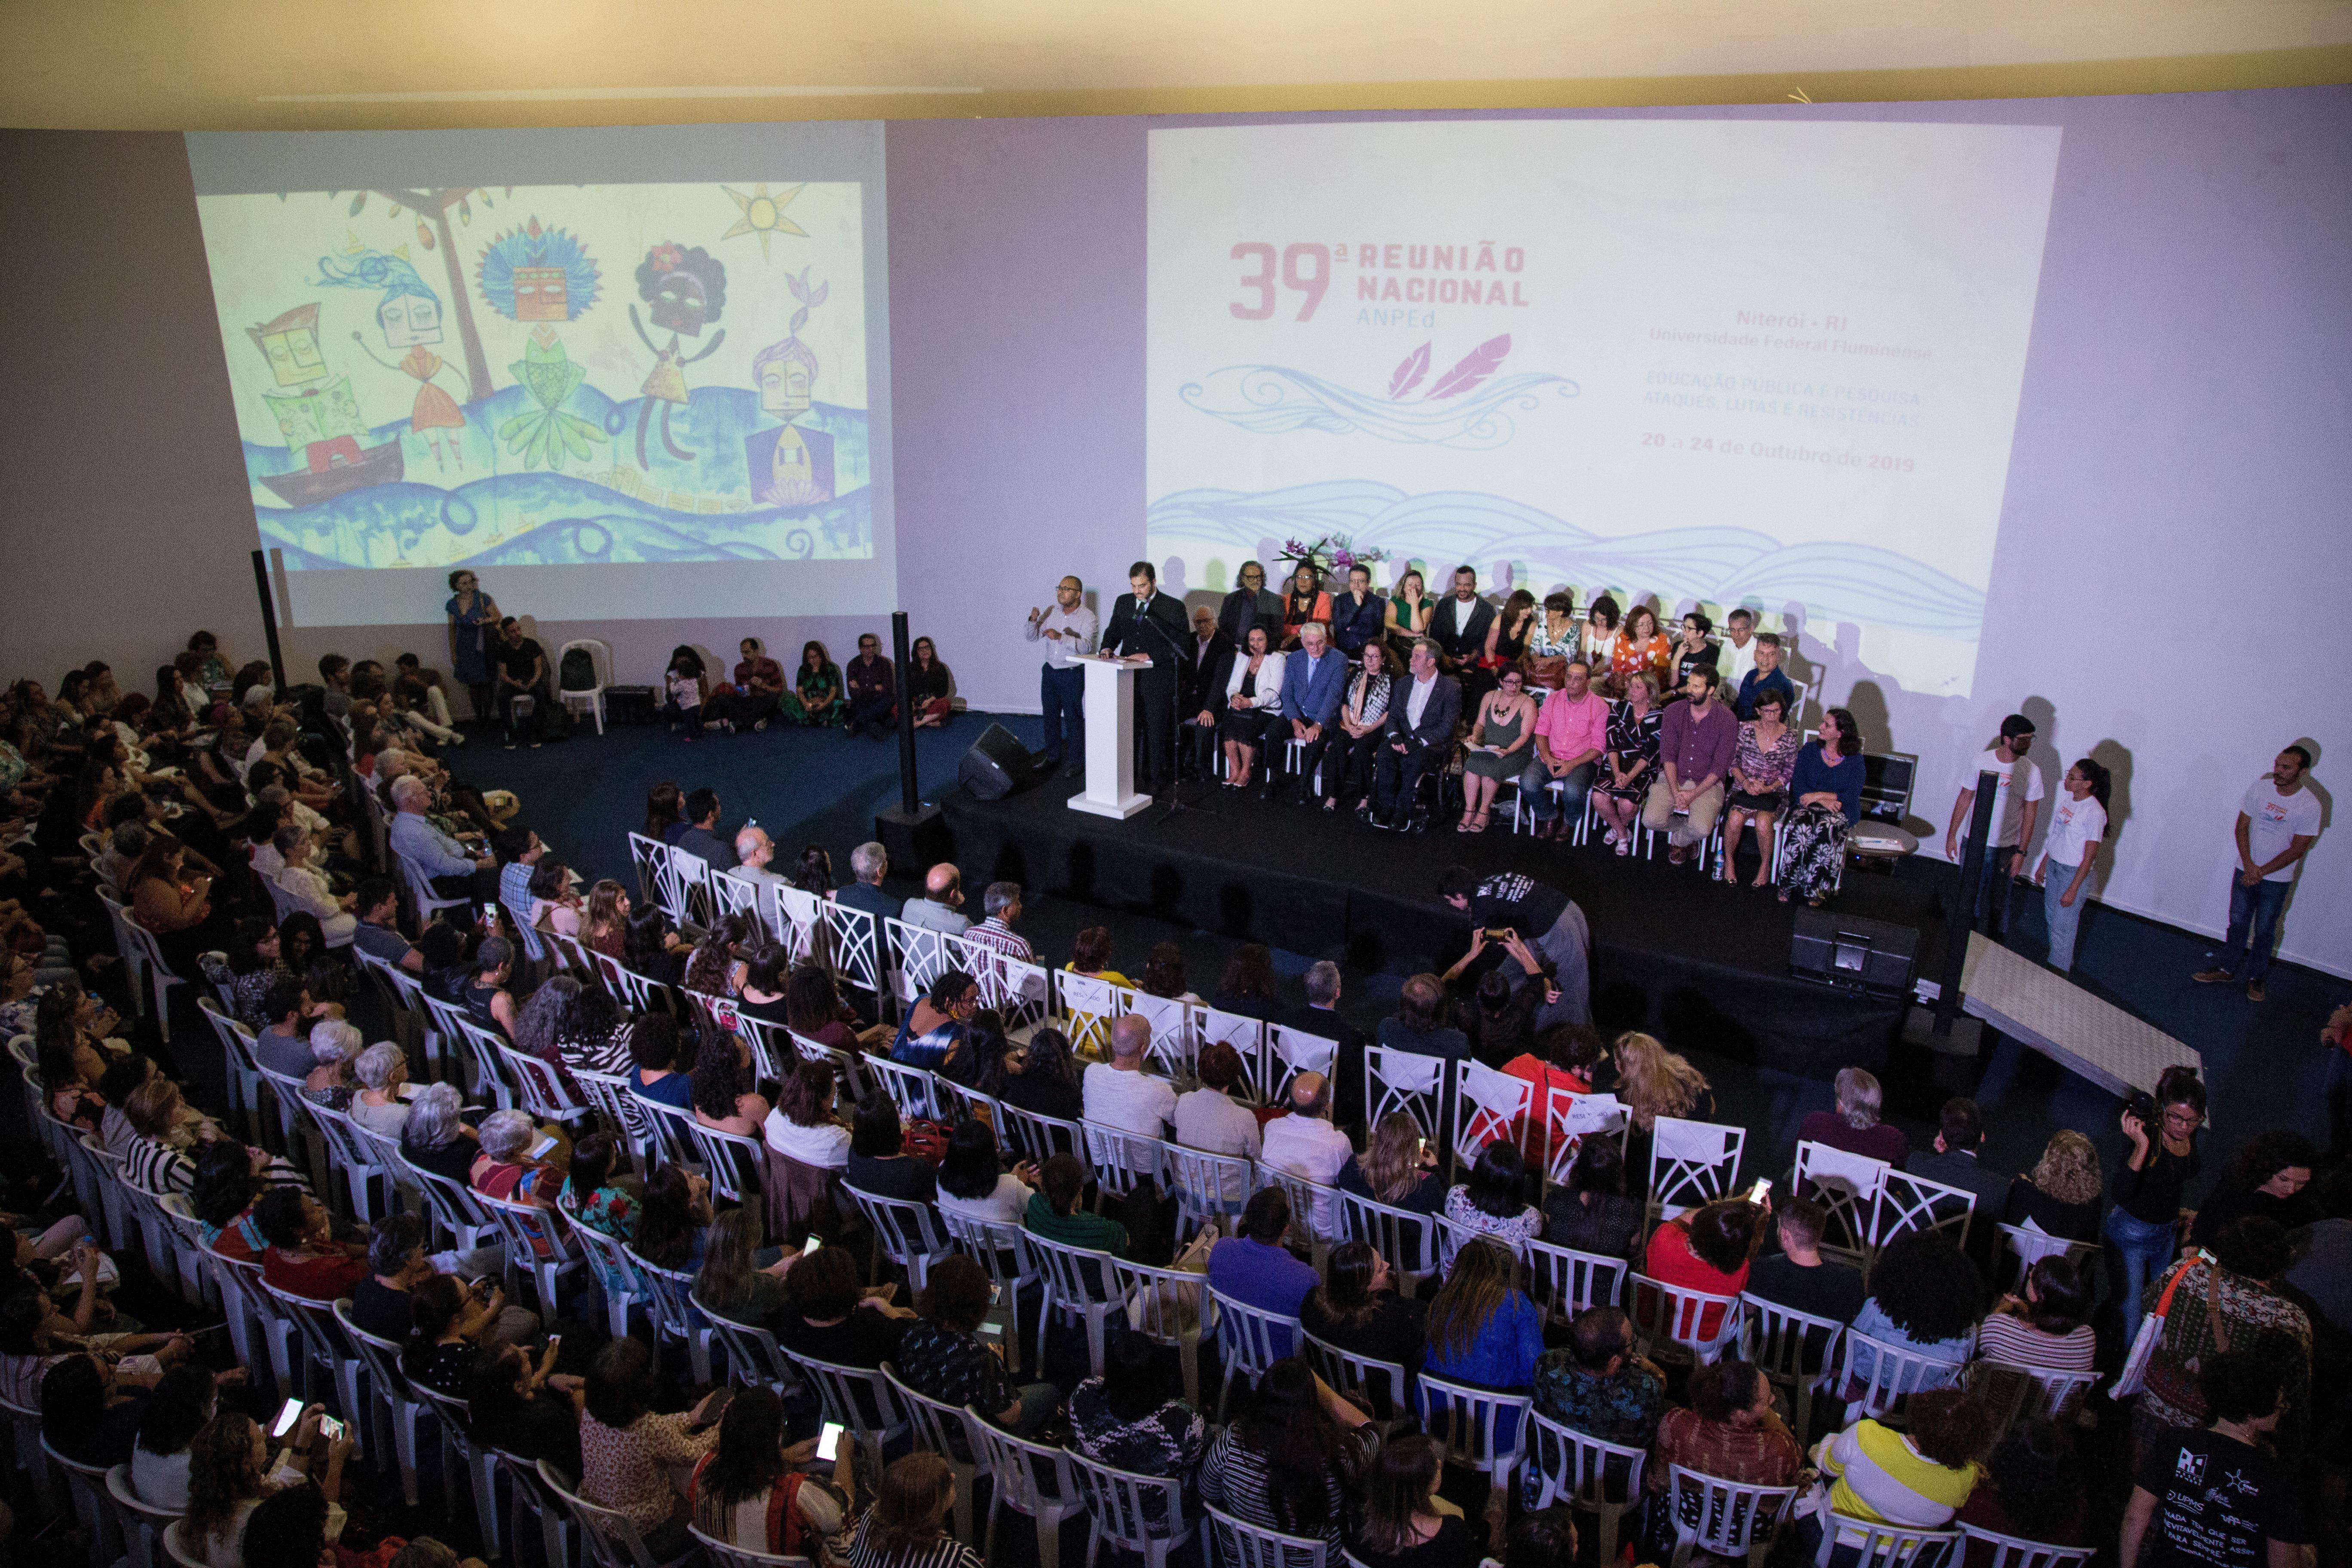 Fotografia da Abertura da 39ª Reunião Nacional da ANPEd, com público e mesa de abertura